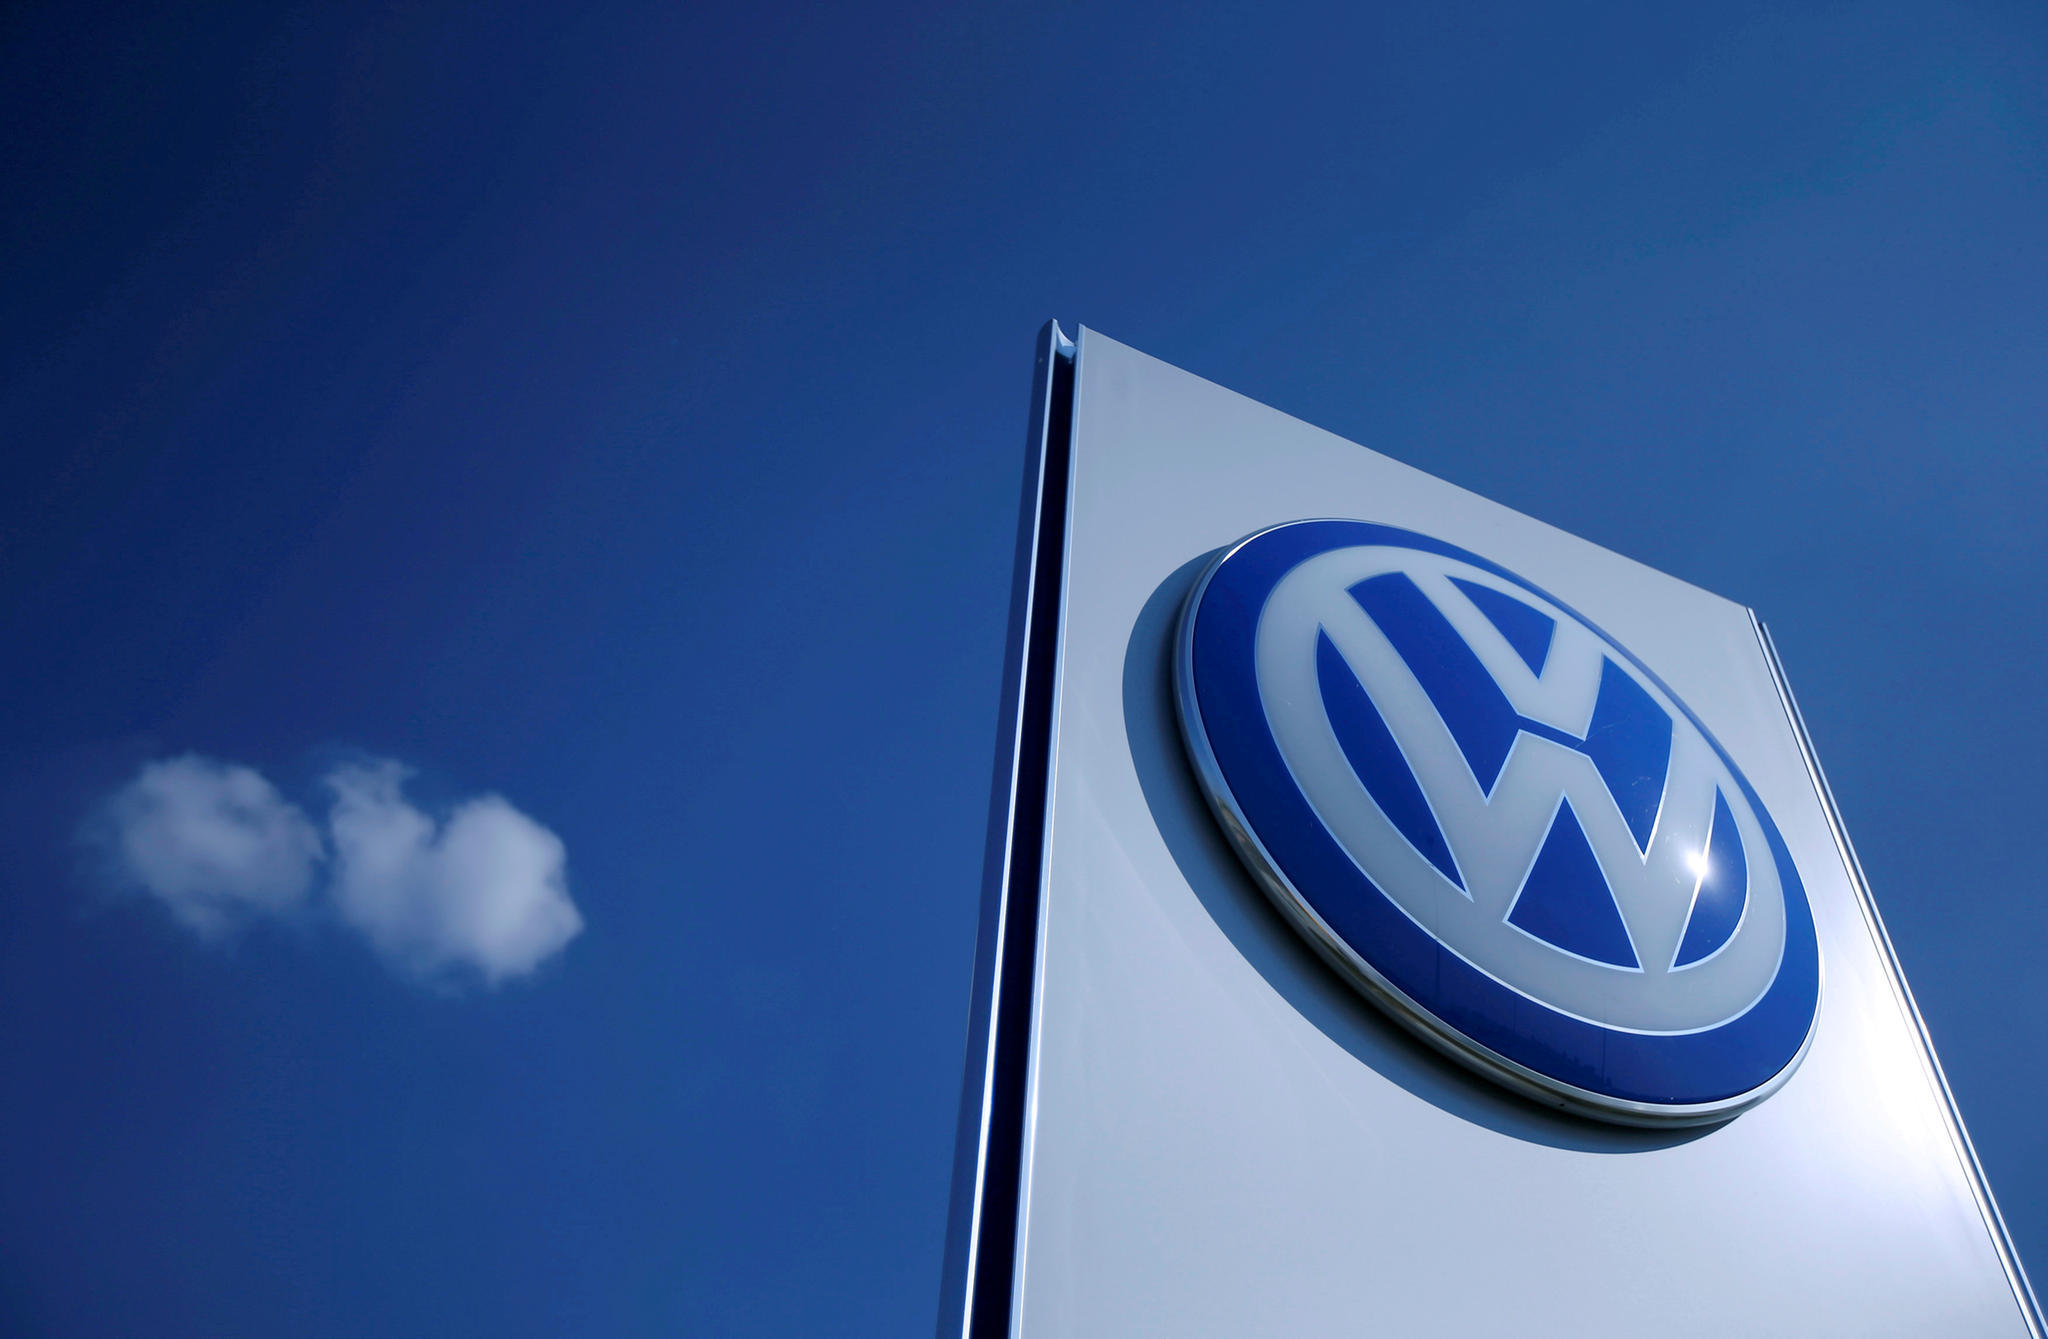 VW-Mitarbeiter kündigen nach Lotto-Gewinn